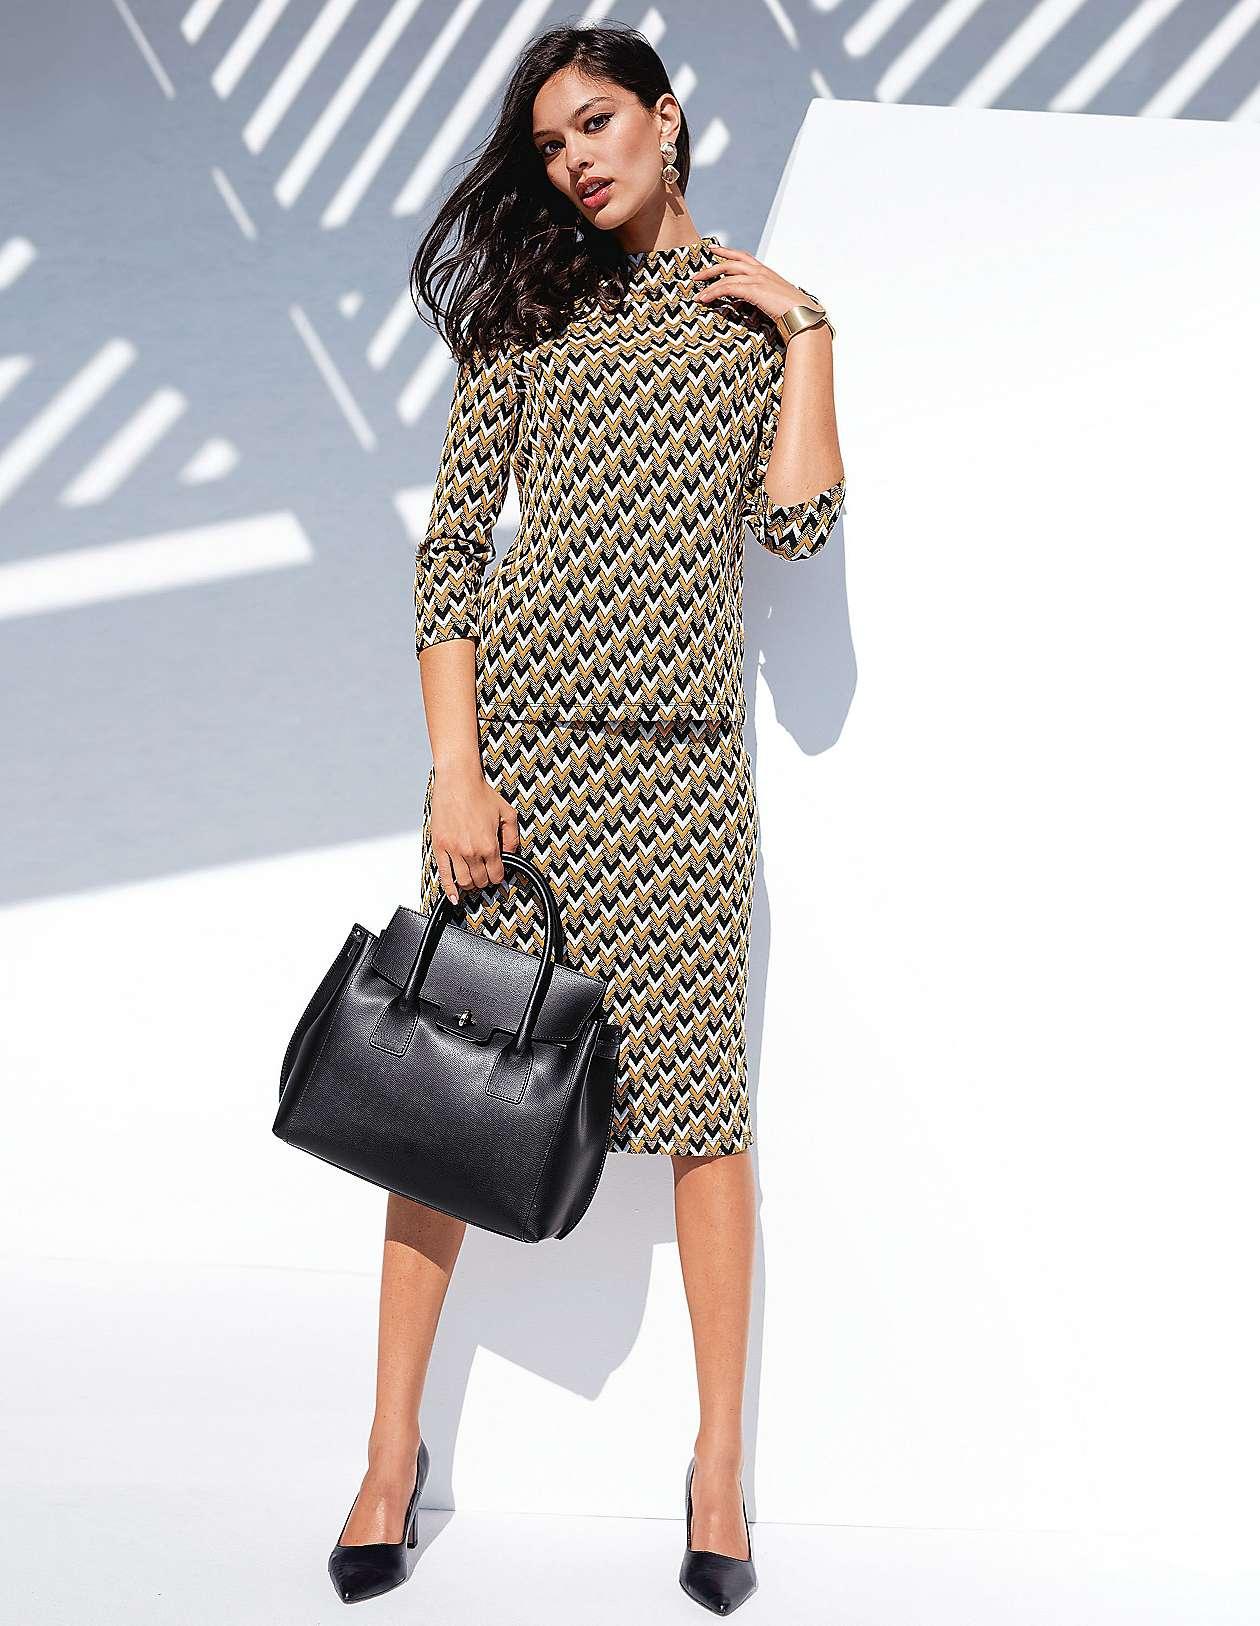 low priced 0321d 79e52 Elegante Kleider für stilvolle Auftritte bestellen ...